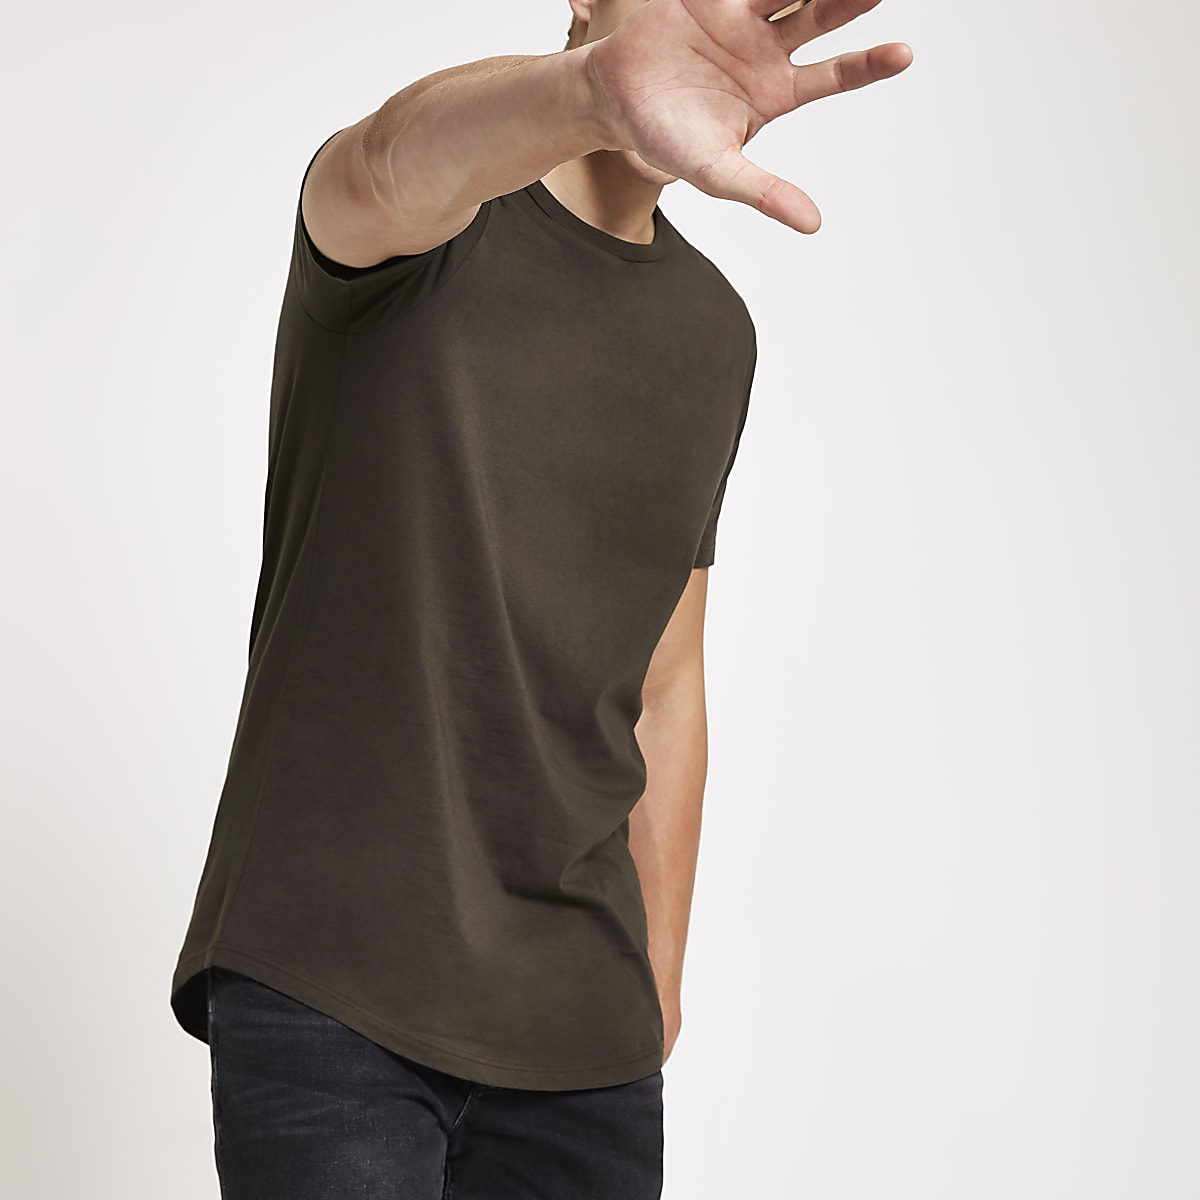 Dunkelbraunes, langärmliges T-Shirt